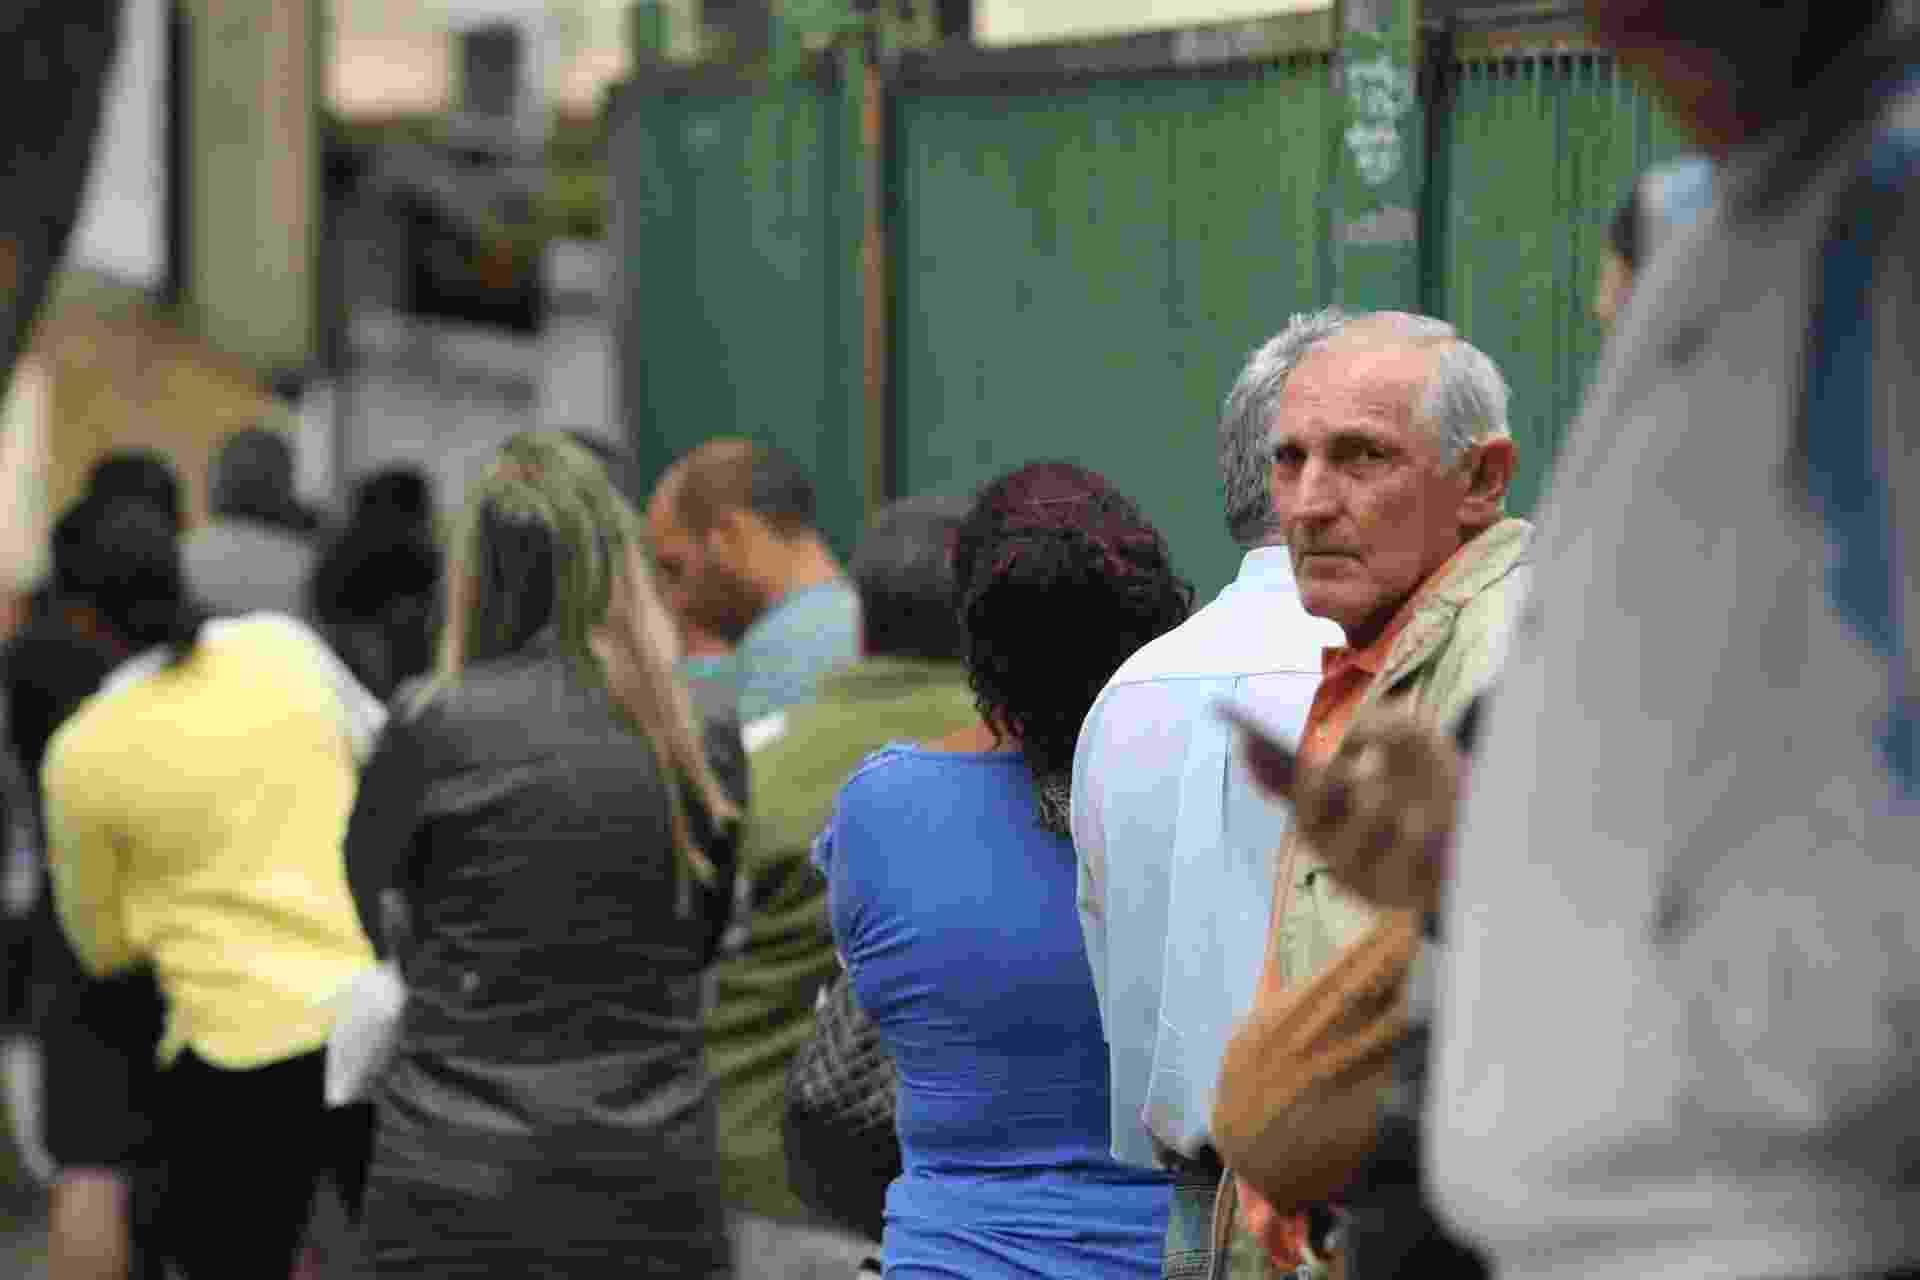 30.out.2016 - Eleitores aguardam na fila a abertura dos portões na Universidade de Guarulhos (UNG), na Grande São Paulo, para votarem no segundo turno das eleições municipais. Os candidatos Guti (PSB) e Eli Correa Filho (DEM) disputam o cargo de prefeito no município - Werher Santana/Estadão Conteúdo